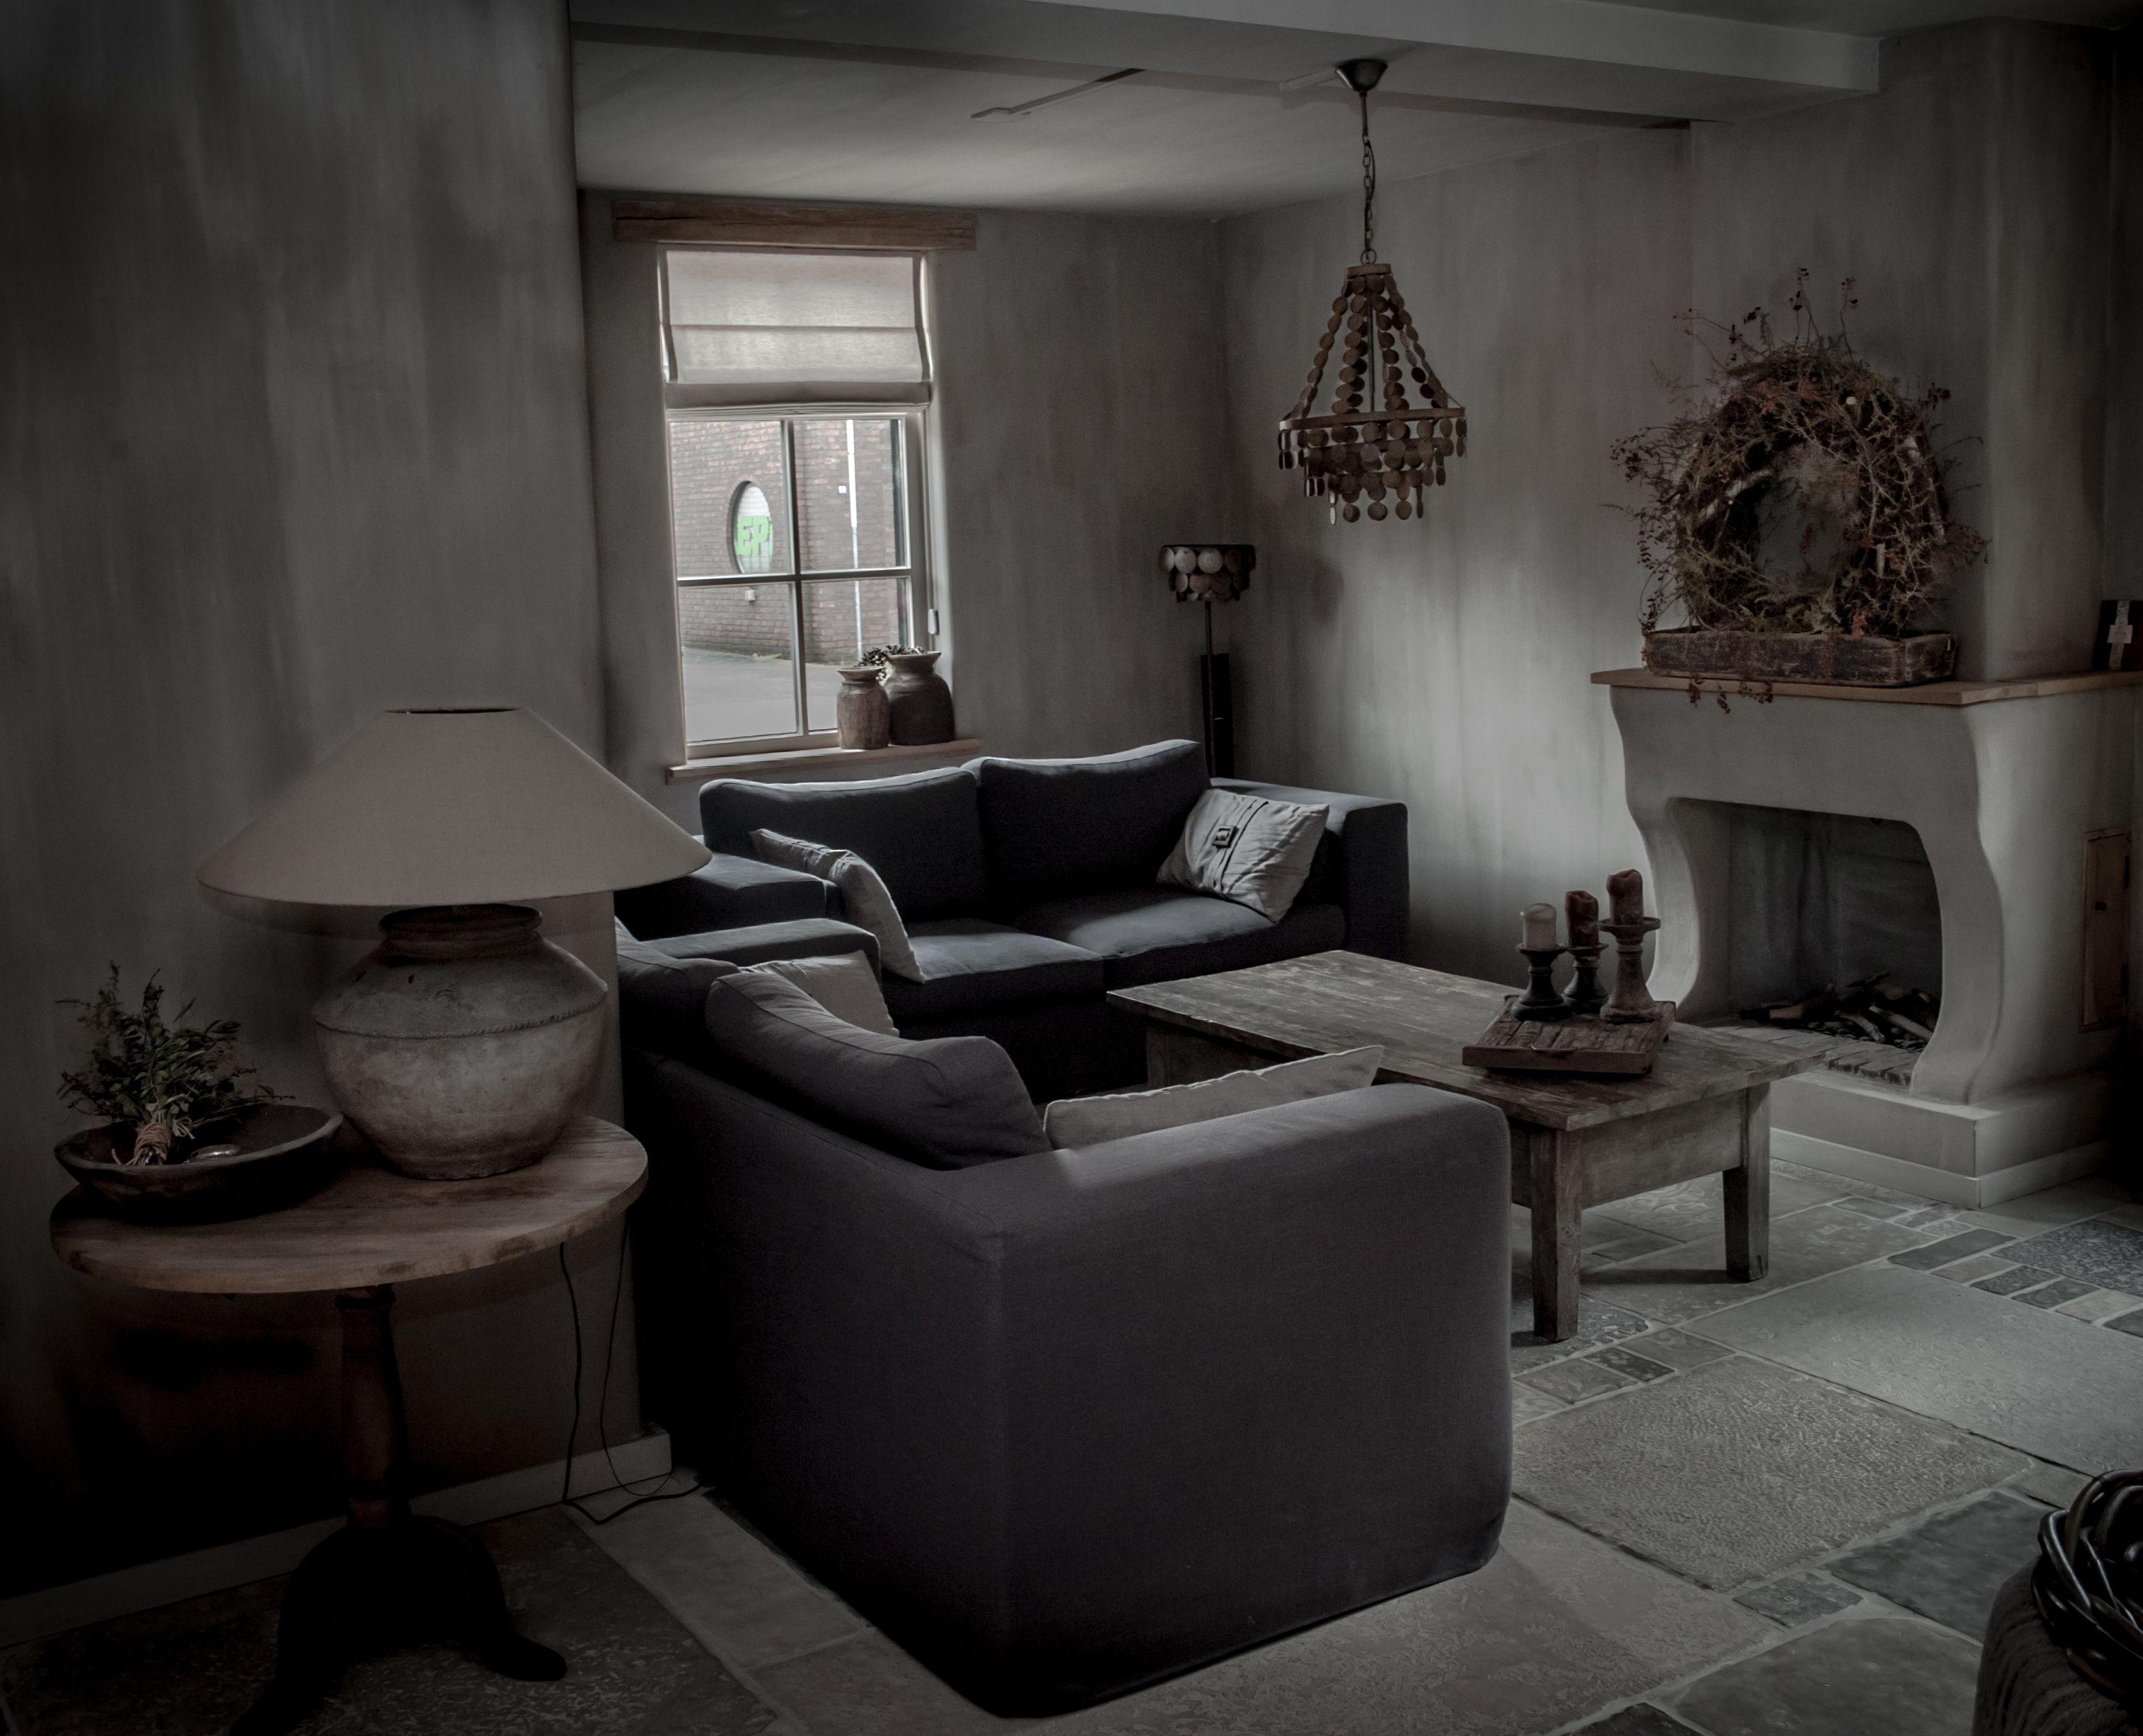 Woonkamer Cottage Stijl : Landelijke woonkamer in een hoffz stijl inspiratie 8 rustic